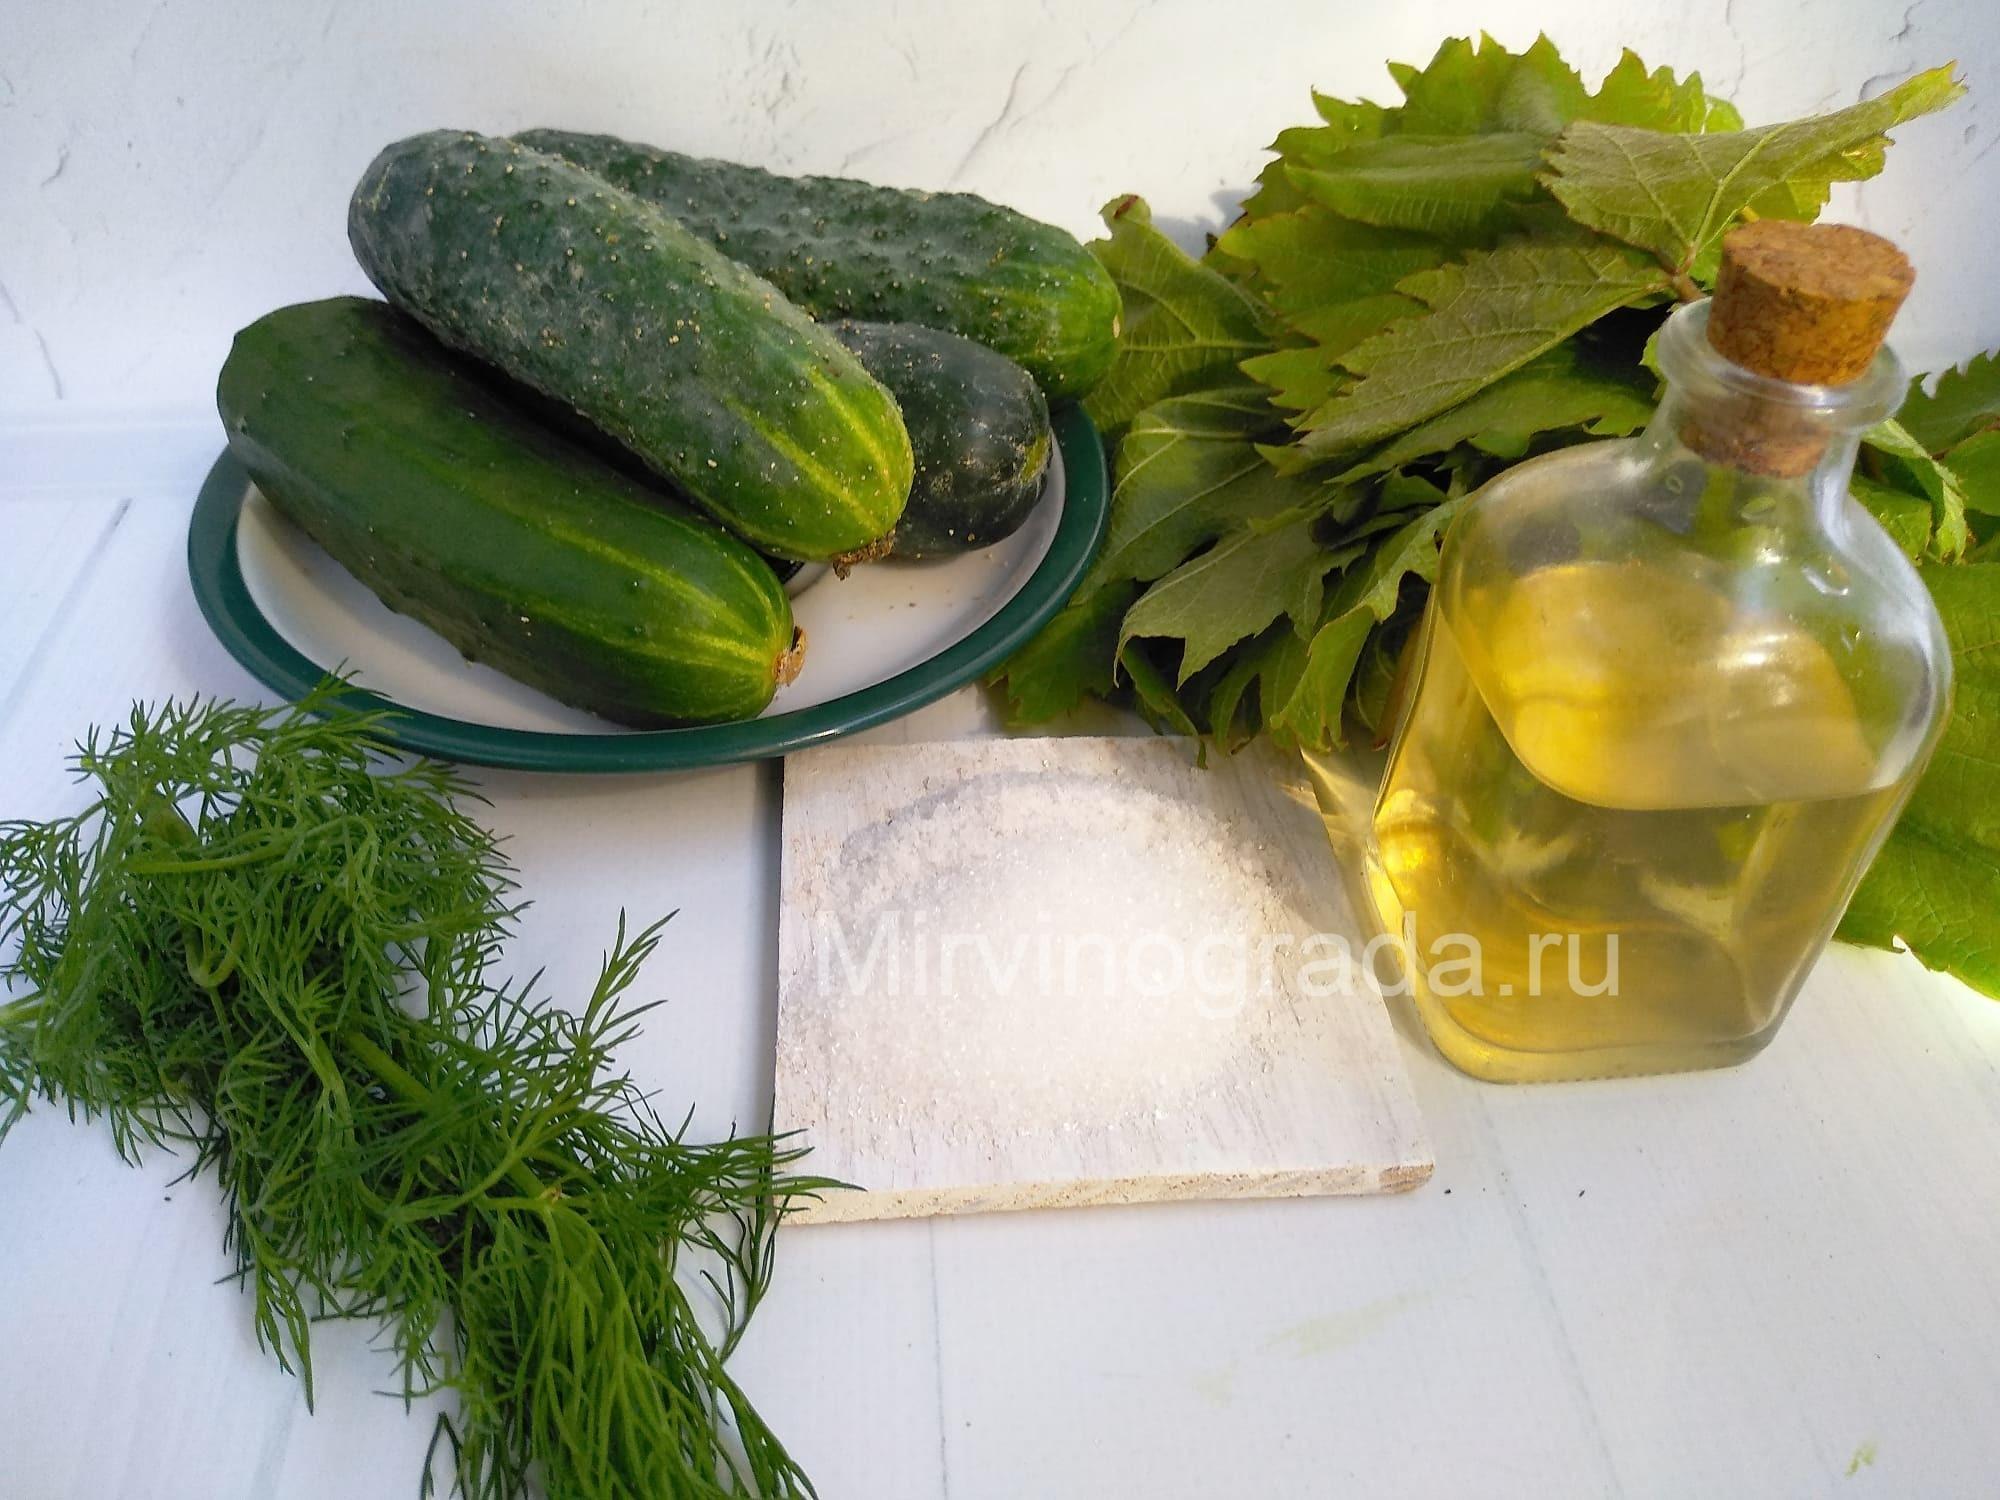 ингредиенты для маринованя огурцов в листьях винограда